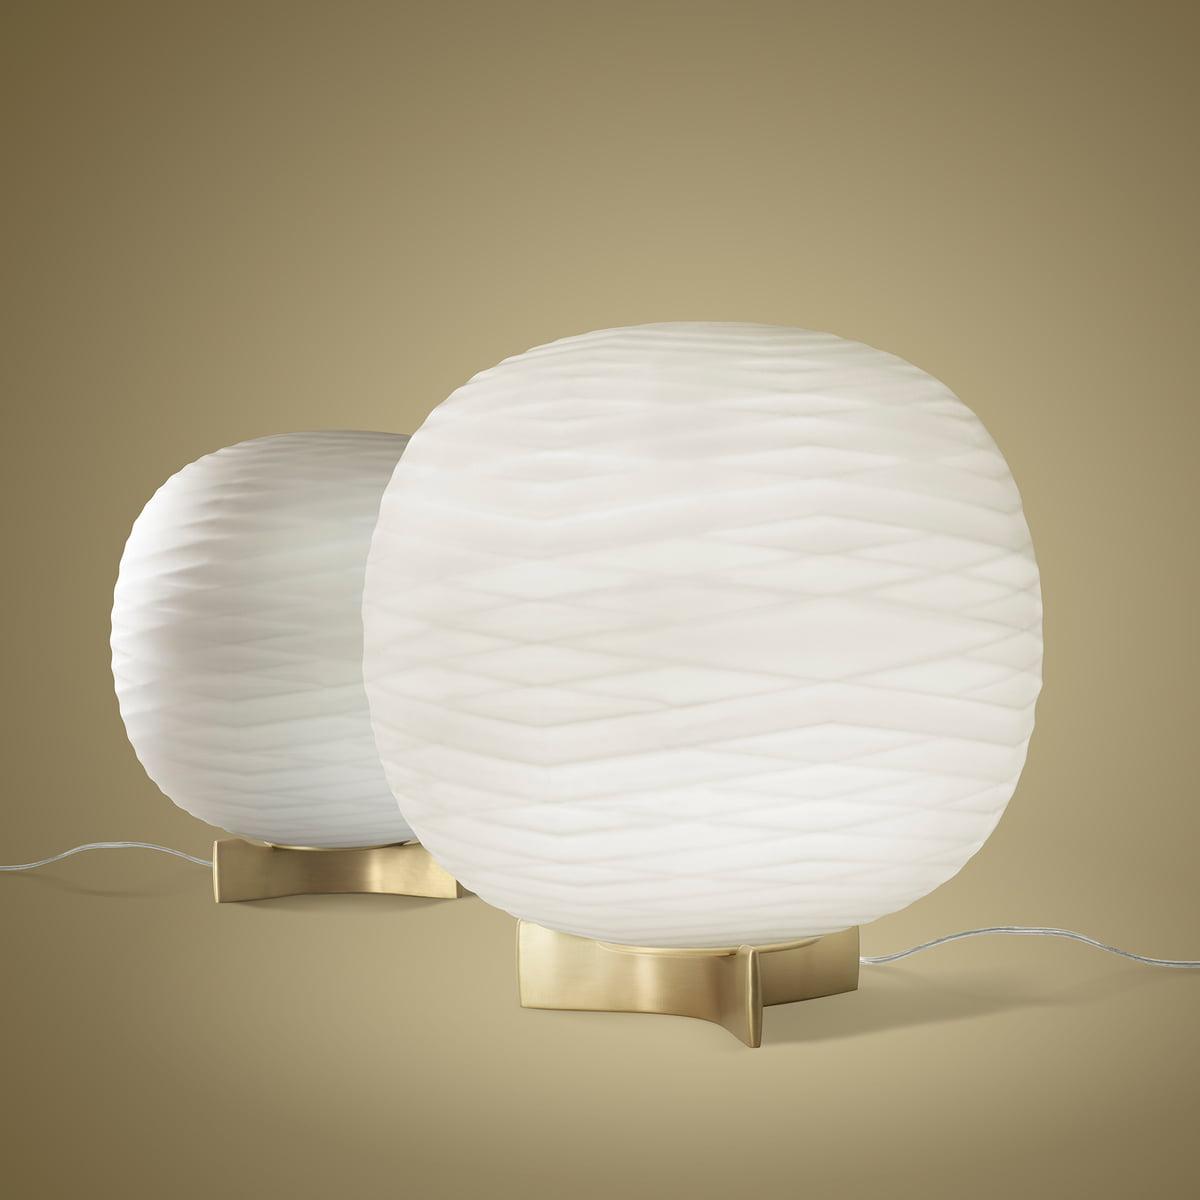 lampe de table gem par foscarini connox. Black Bedroom Furniture Sets. Home Design Ideas